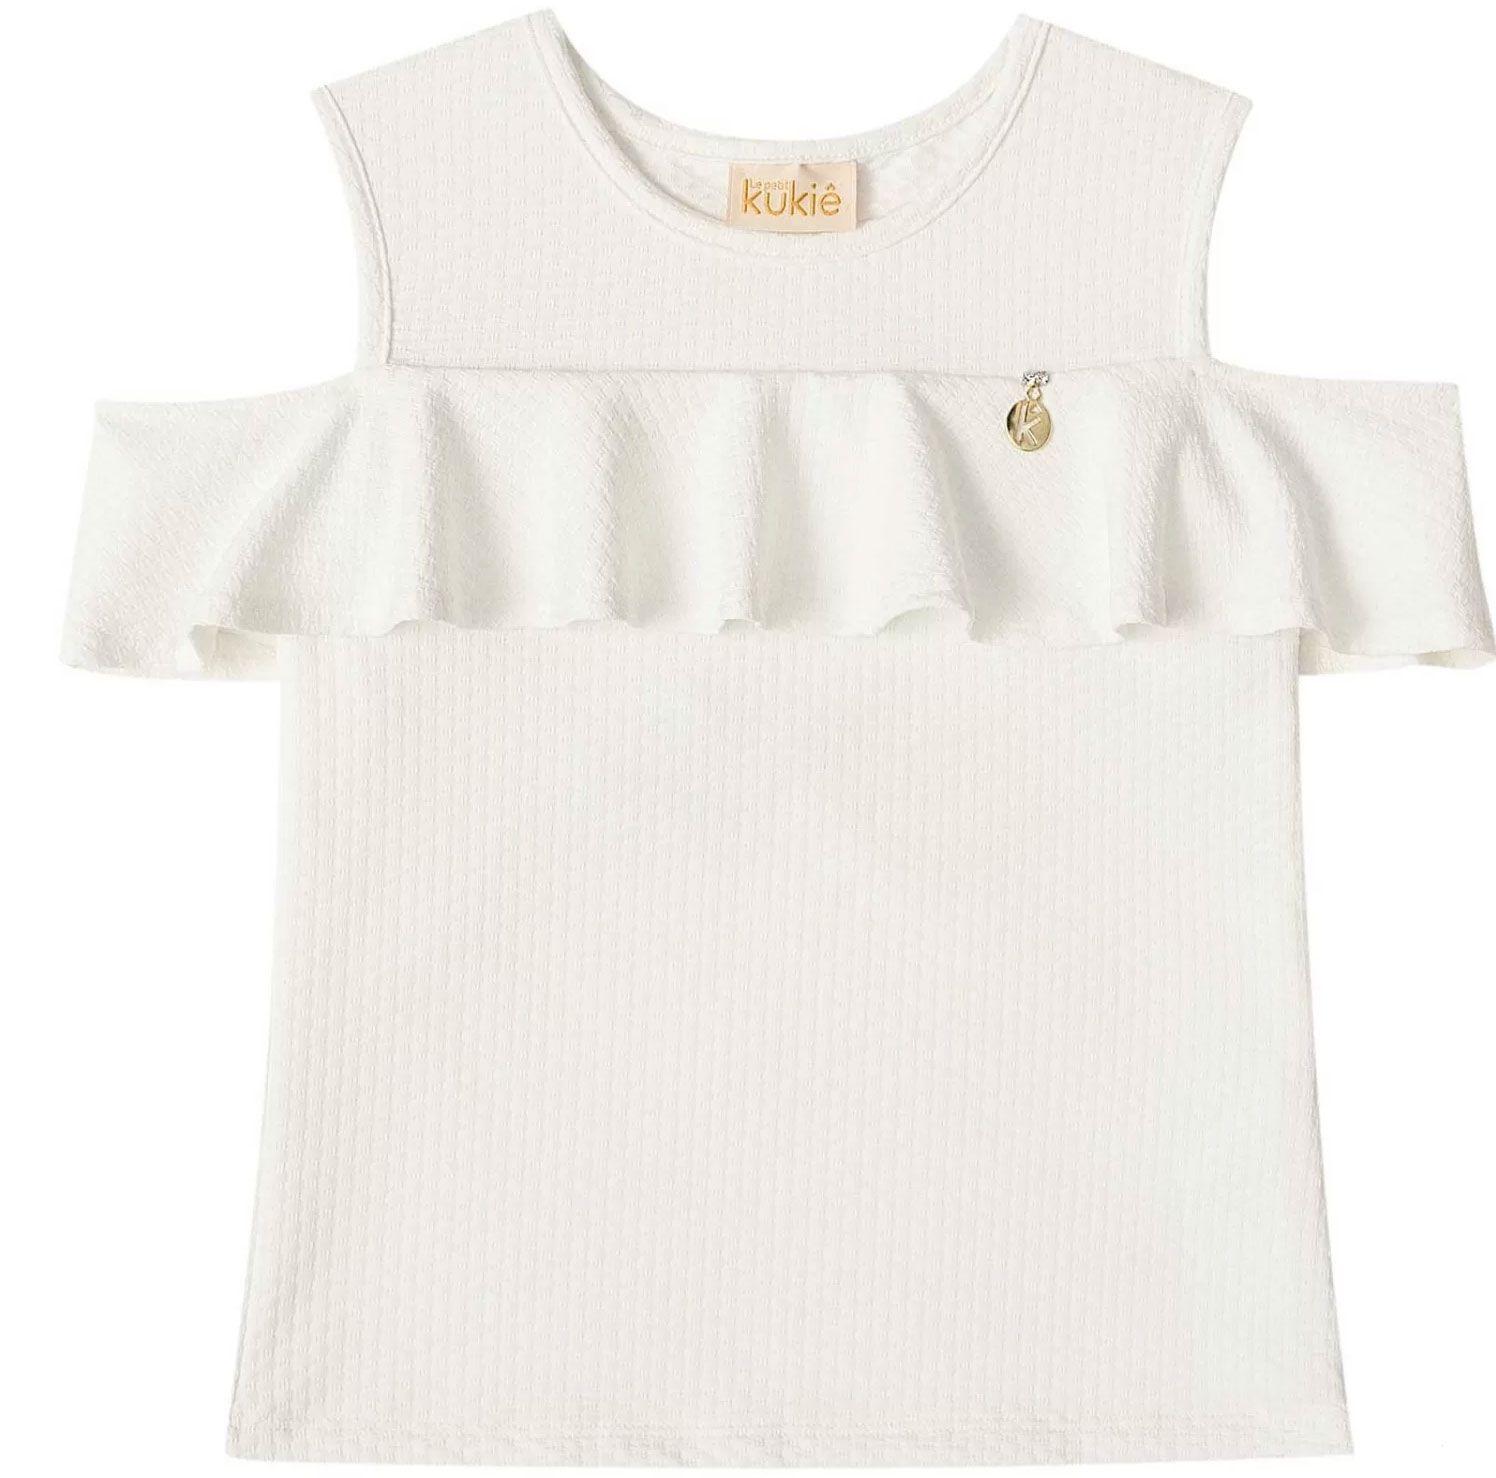 BLUSA INFANTIL KUKIE REF:36811 1/4